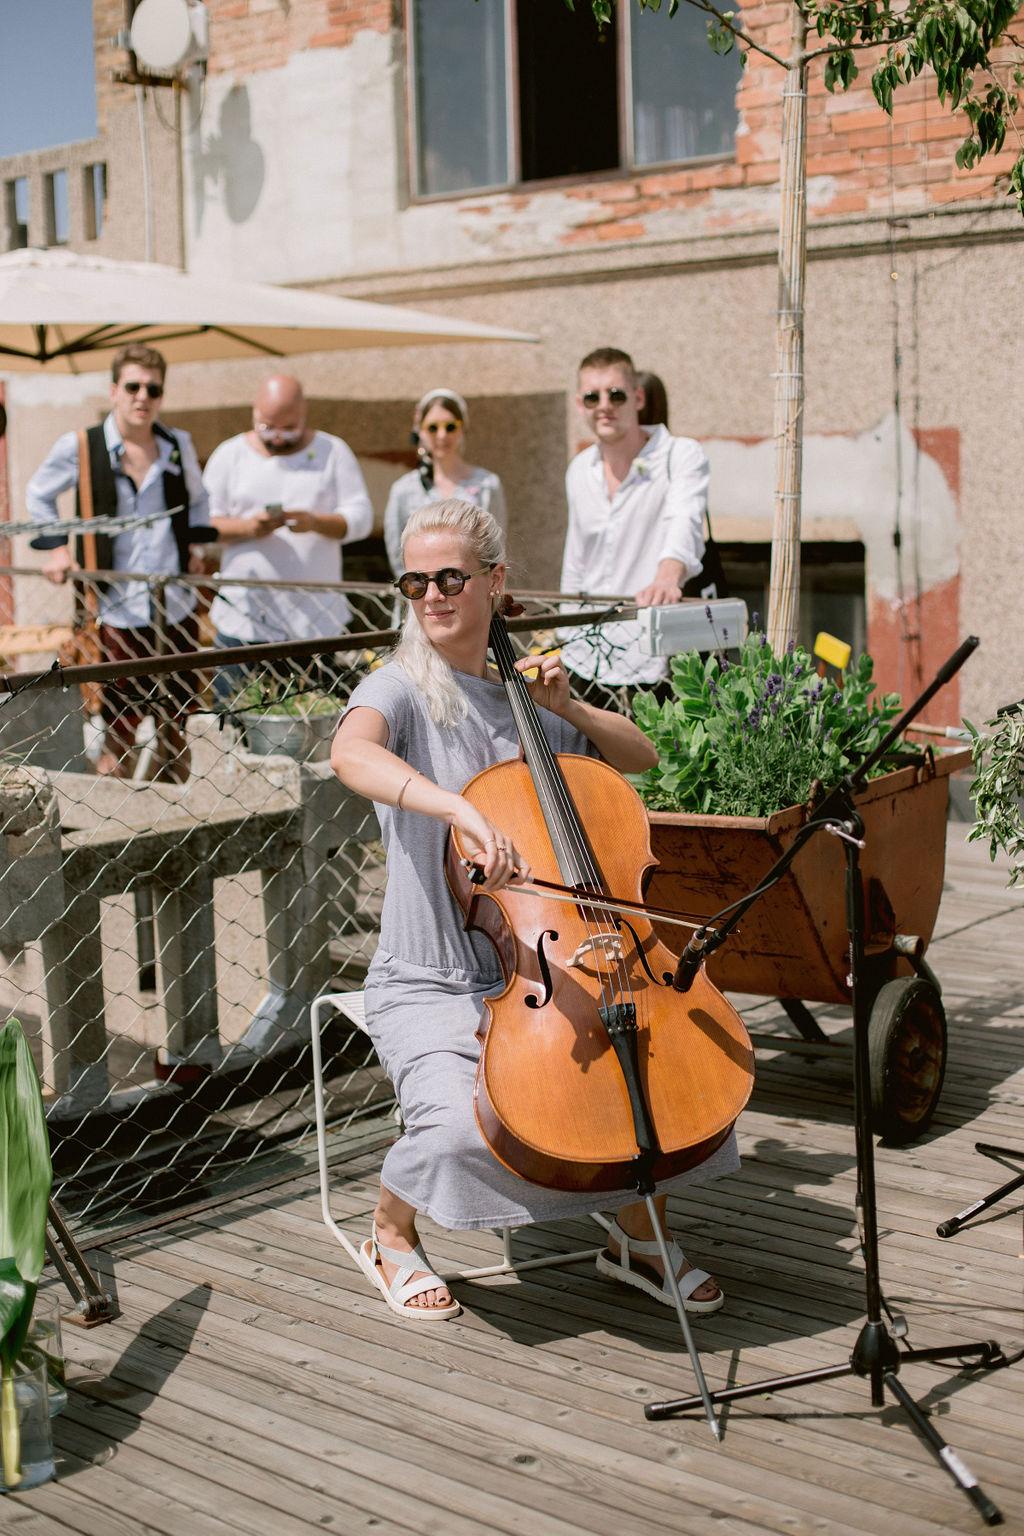 Terzie Kovalová violoncello | Svatba střecha Lucerny